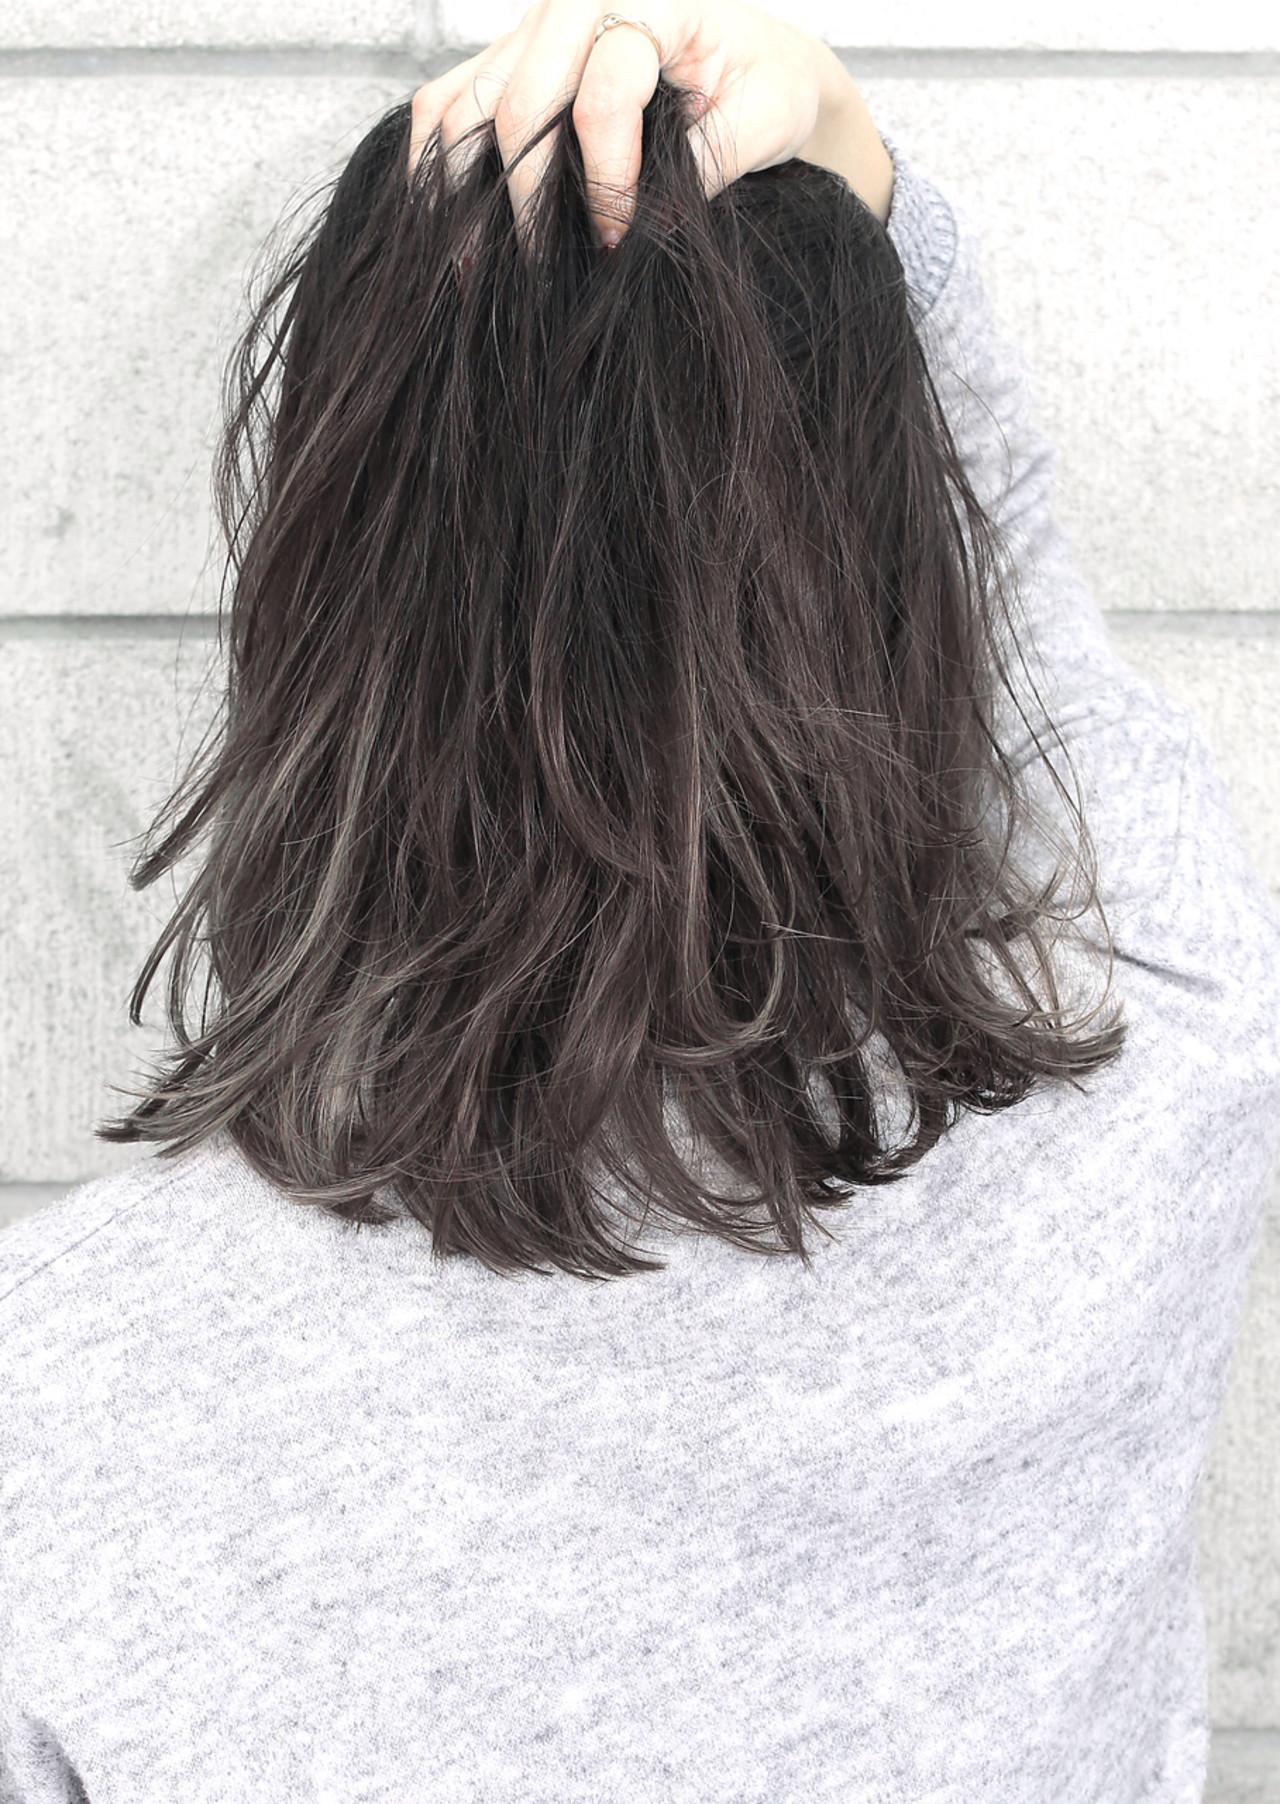 暗髪 外国人風 ミディアム 黒髪 ヘアスタイルや髪型の写真・画像   中村 飛鳥 hair salon Gallica / hair salon Gallica